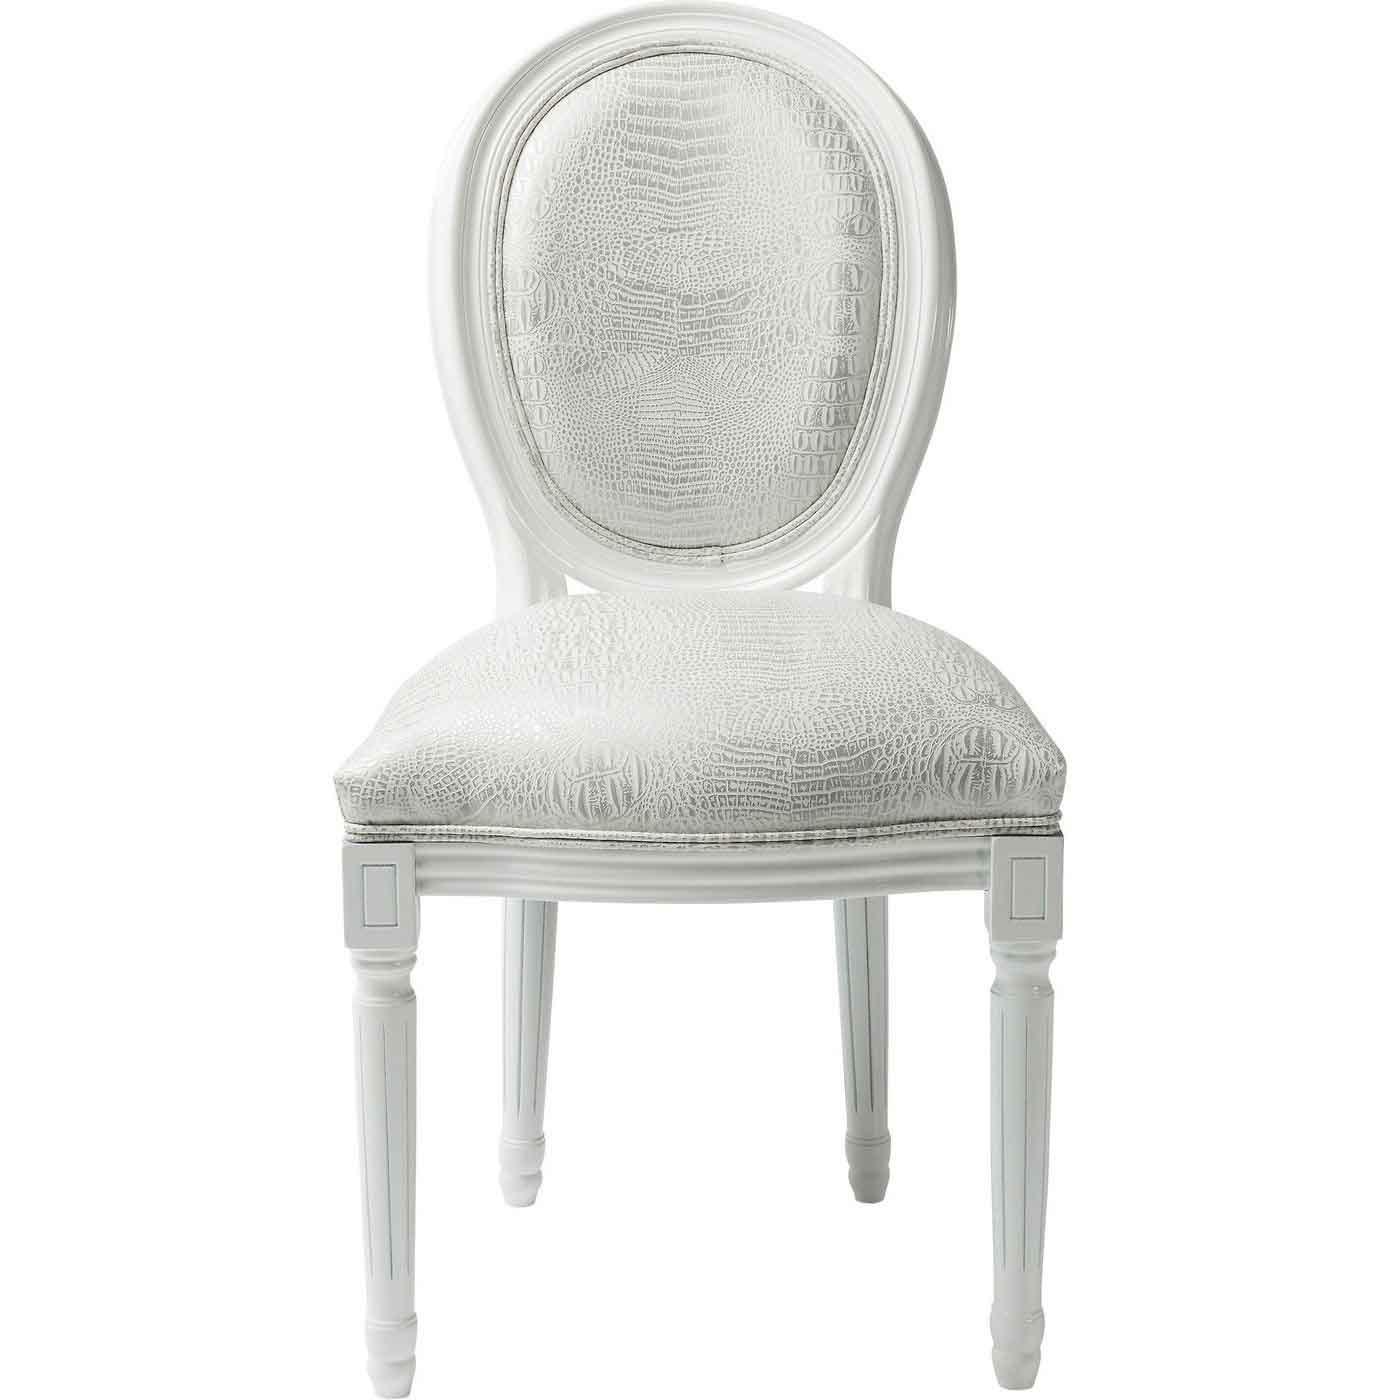 kare design – Kare design gastro louis spisebordsstol - hvid læder pu, solidt bøgetræ fra boboonline.dk